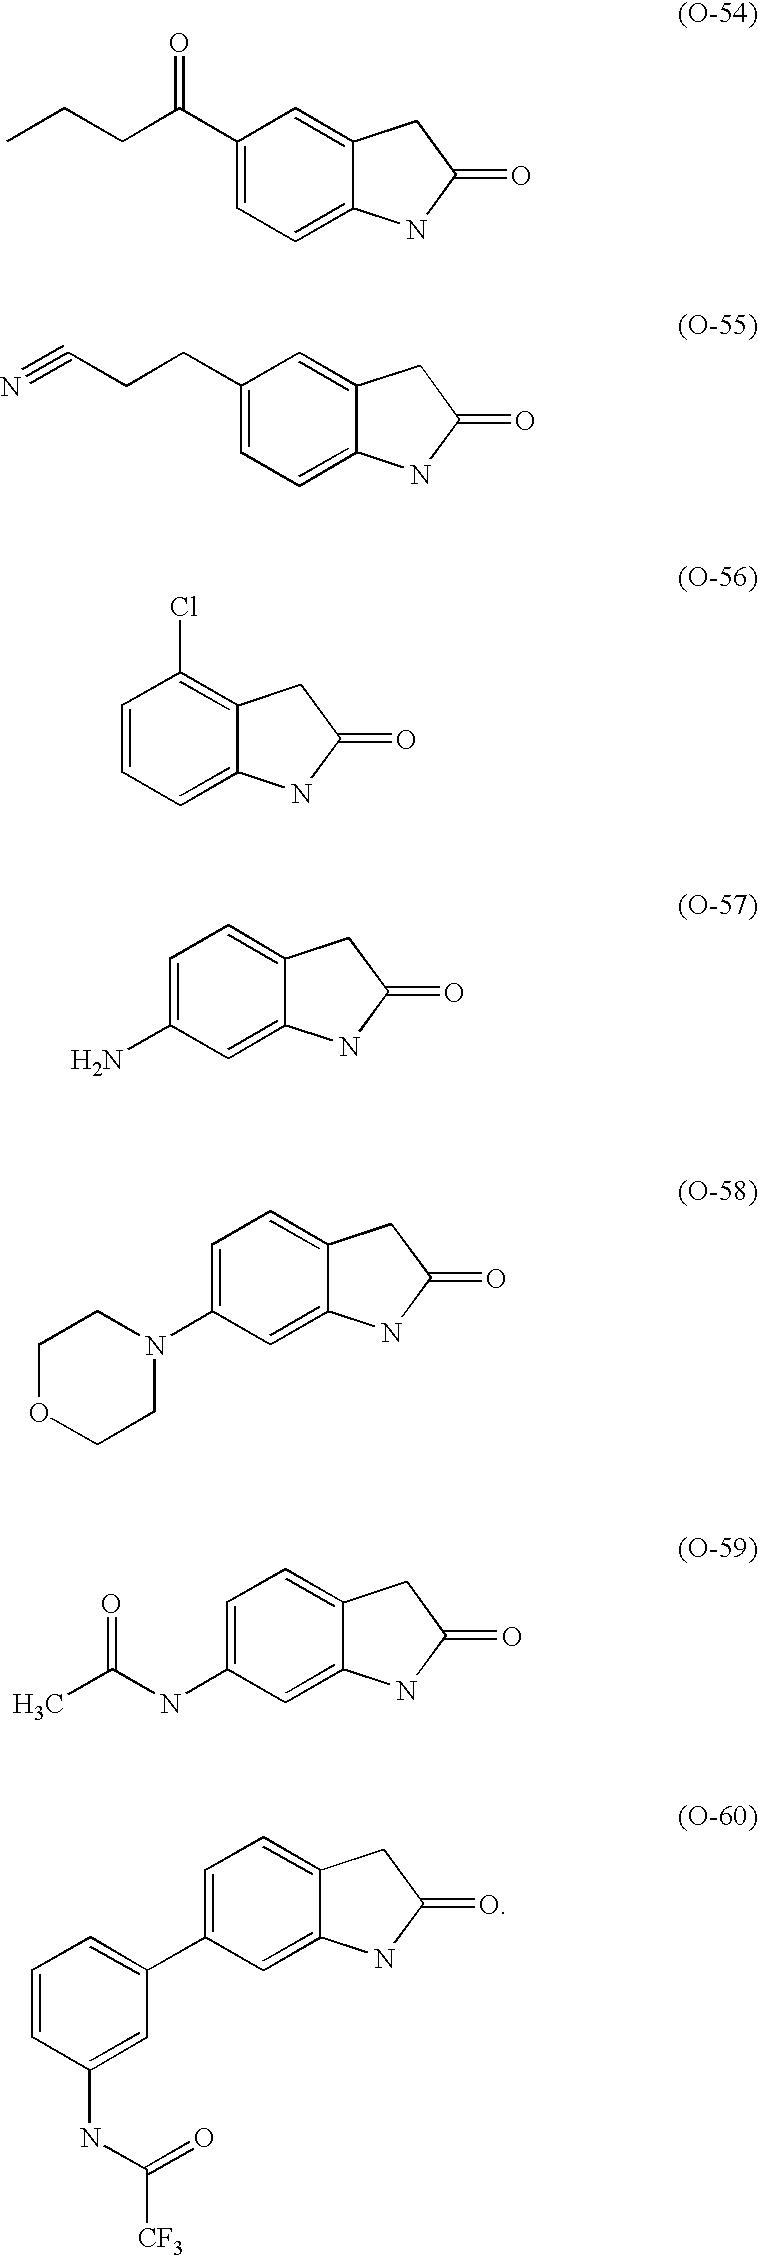 Figure US20030203901A1-20031030-C00013